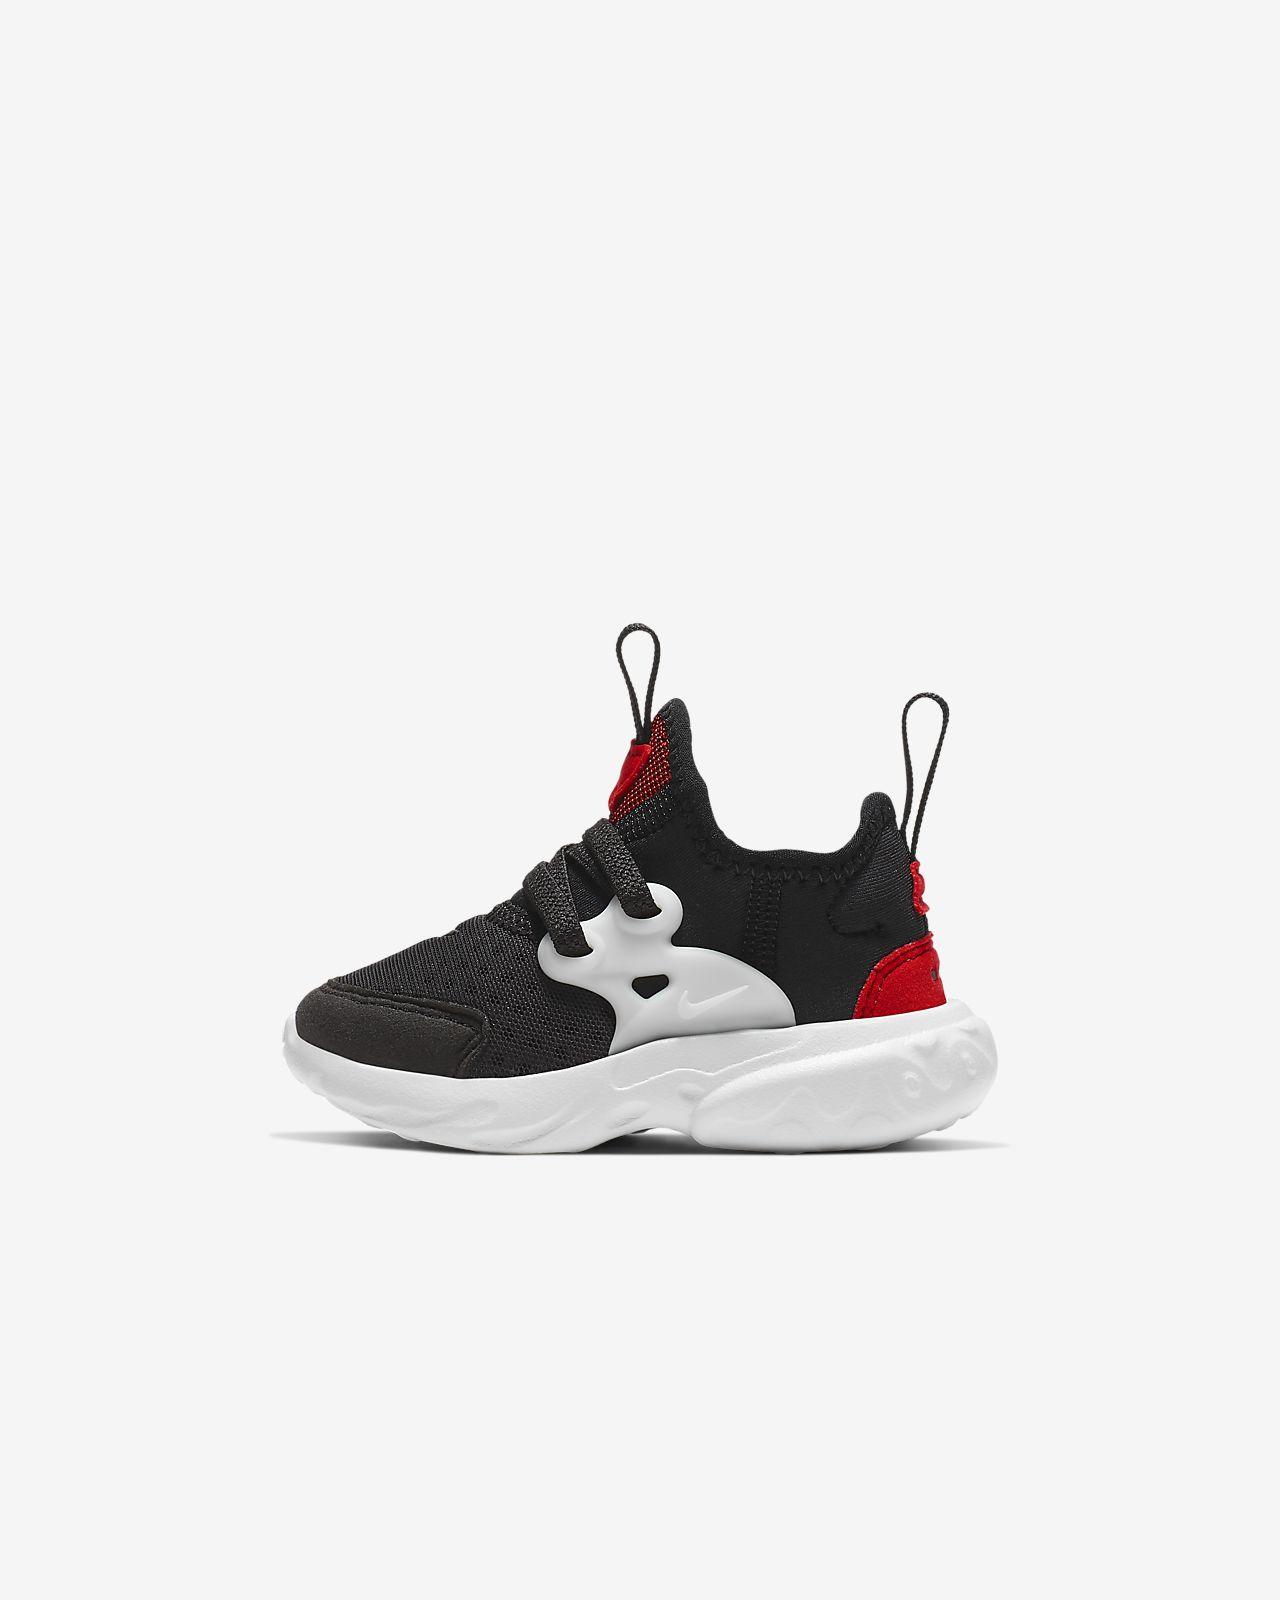 Nike React Presto Baby/Toddler Shoe